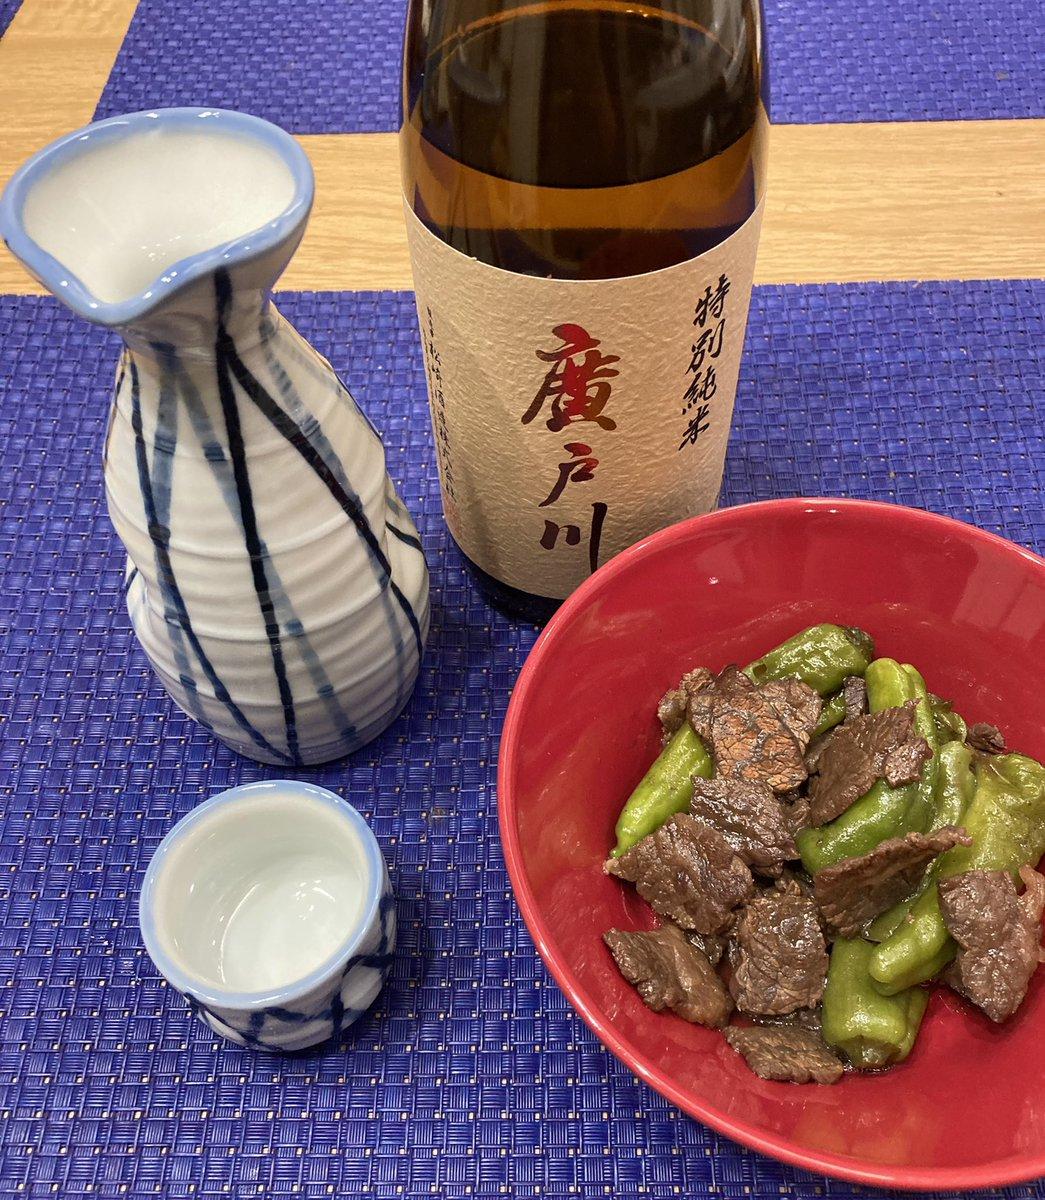 test ツイッターメディア - 今宵は、廣戸川 特別純米を燗酒で。 香りは際立ち、旨味増し増しからのキレが次の一杯を誘ってきます。 #廣戸川 #松崎酒造 #日本酒 #燗 https://t.co/WMZM2U63vh